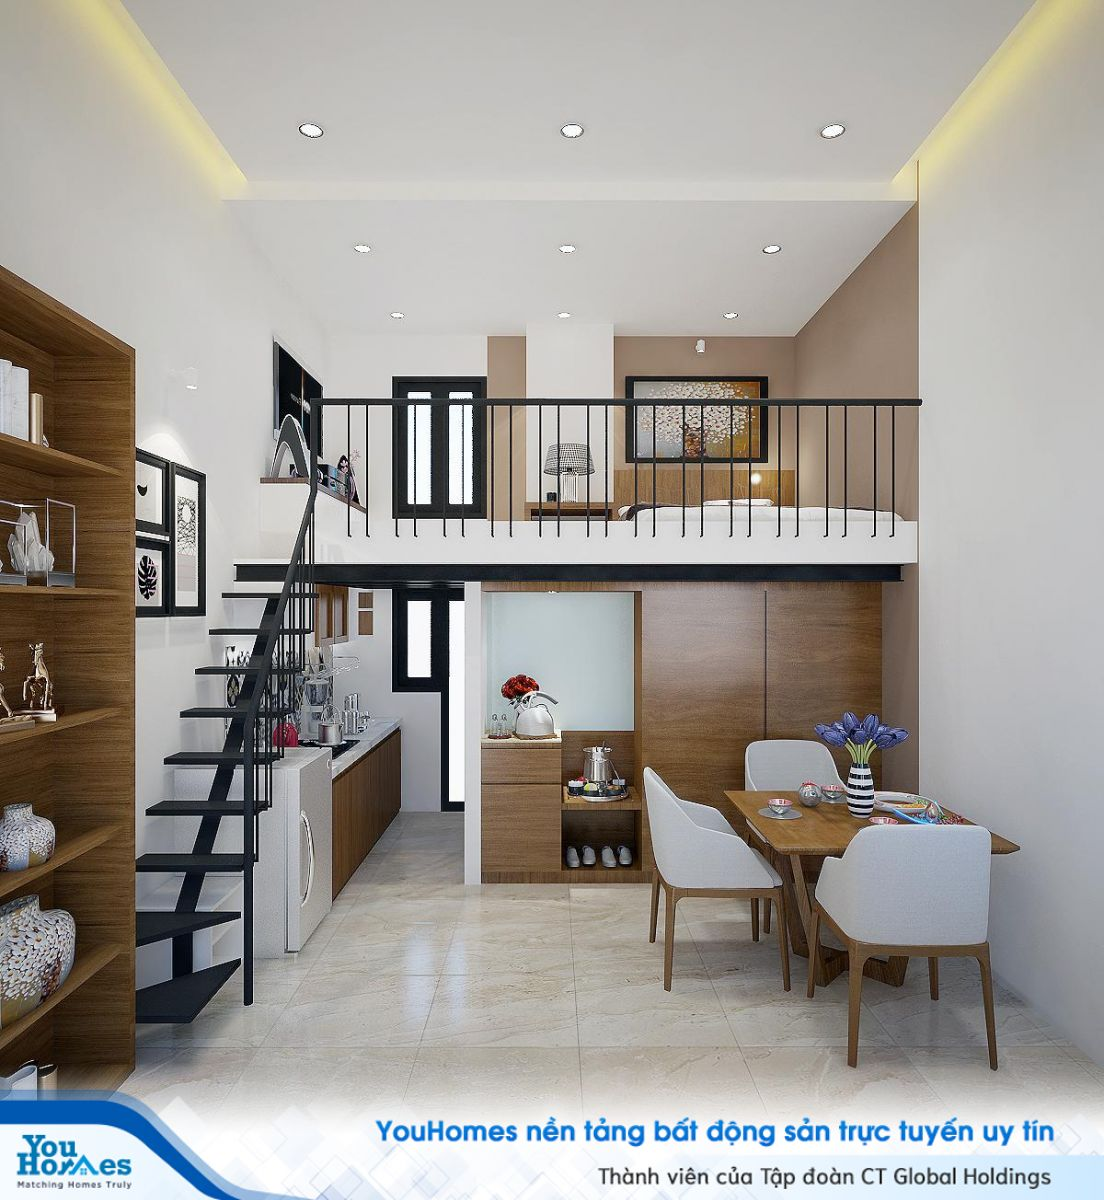 Kích thước của các đồ dùng nội thất cho các căn nhà nhỏ hẹp cũng nên được chú trọng.